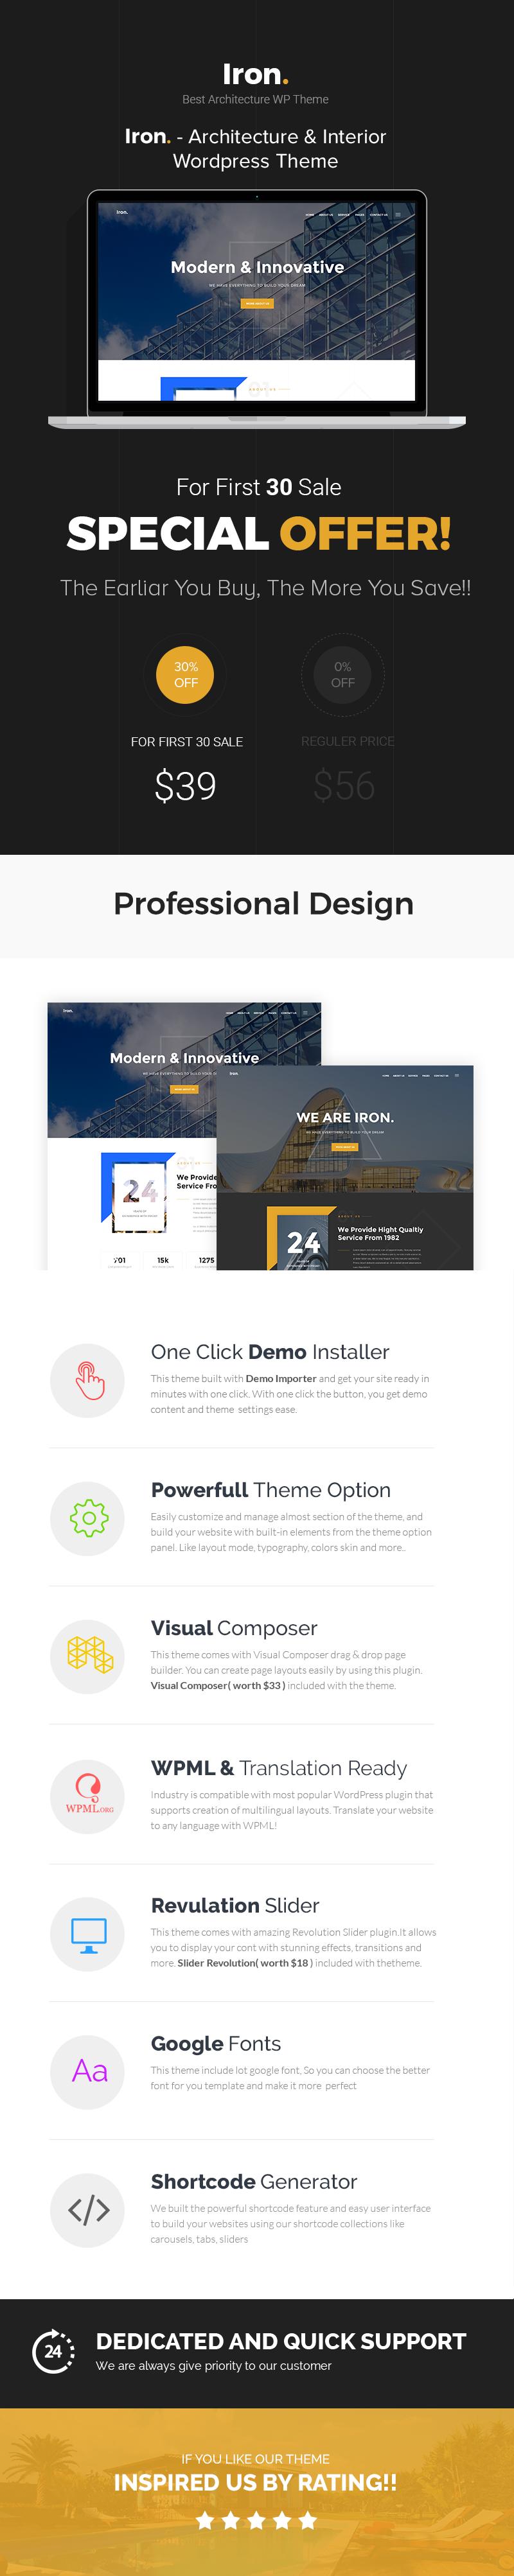 Eisen - Architektur, Interieur und Design WordPress Theme - 1